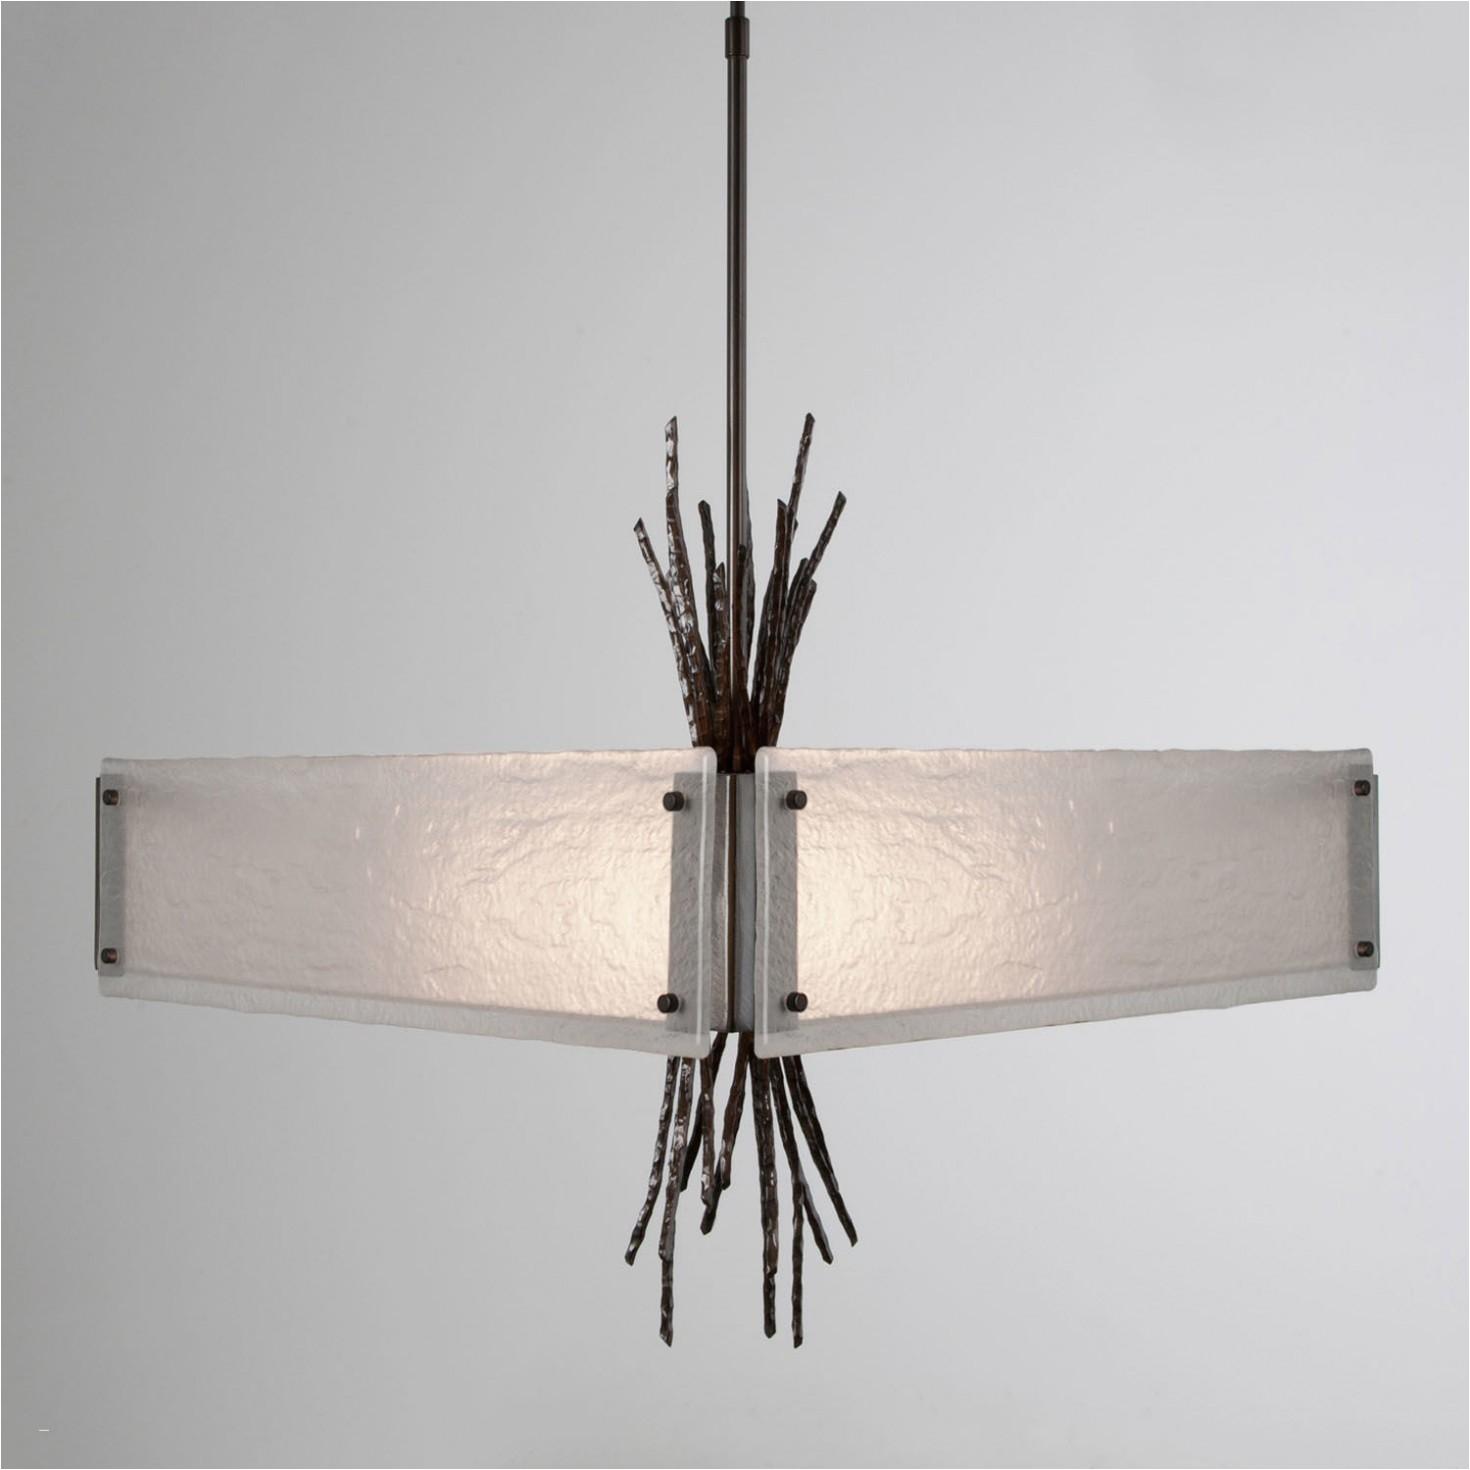 full size of lighting outdoor pole lights luxury hammerton studio chb0032 0d sn xx 001